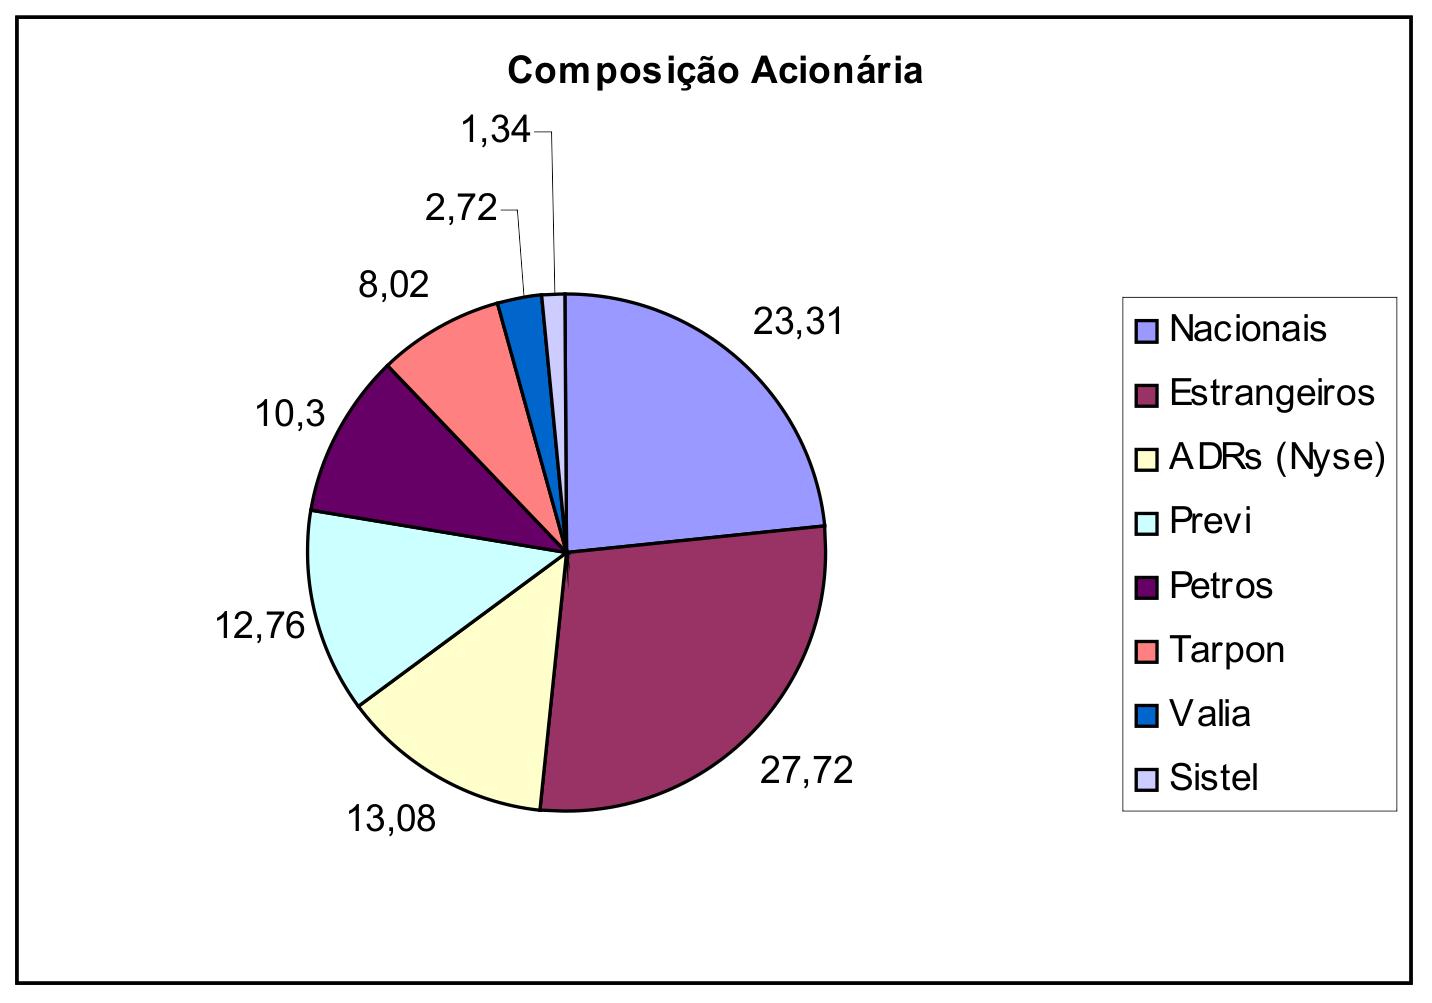 Fonte: Brasil Foods 2011. Relatório Anual 2011apud Melchionna, 2012.